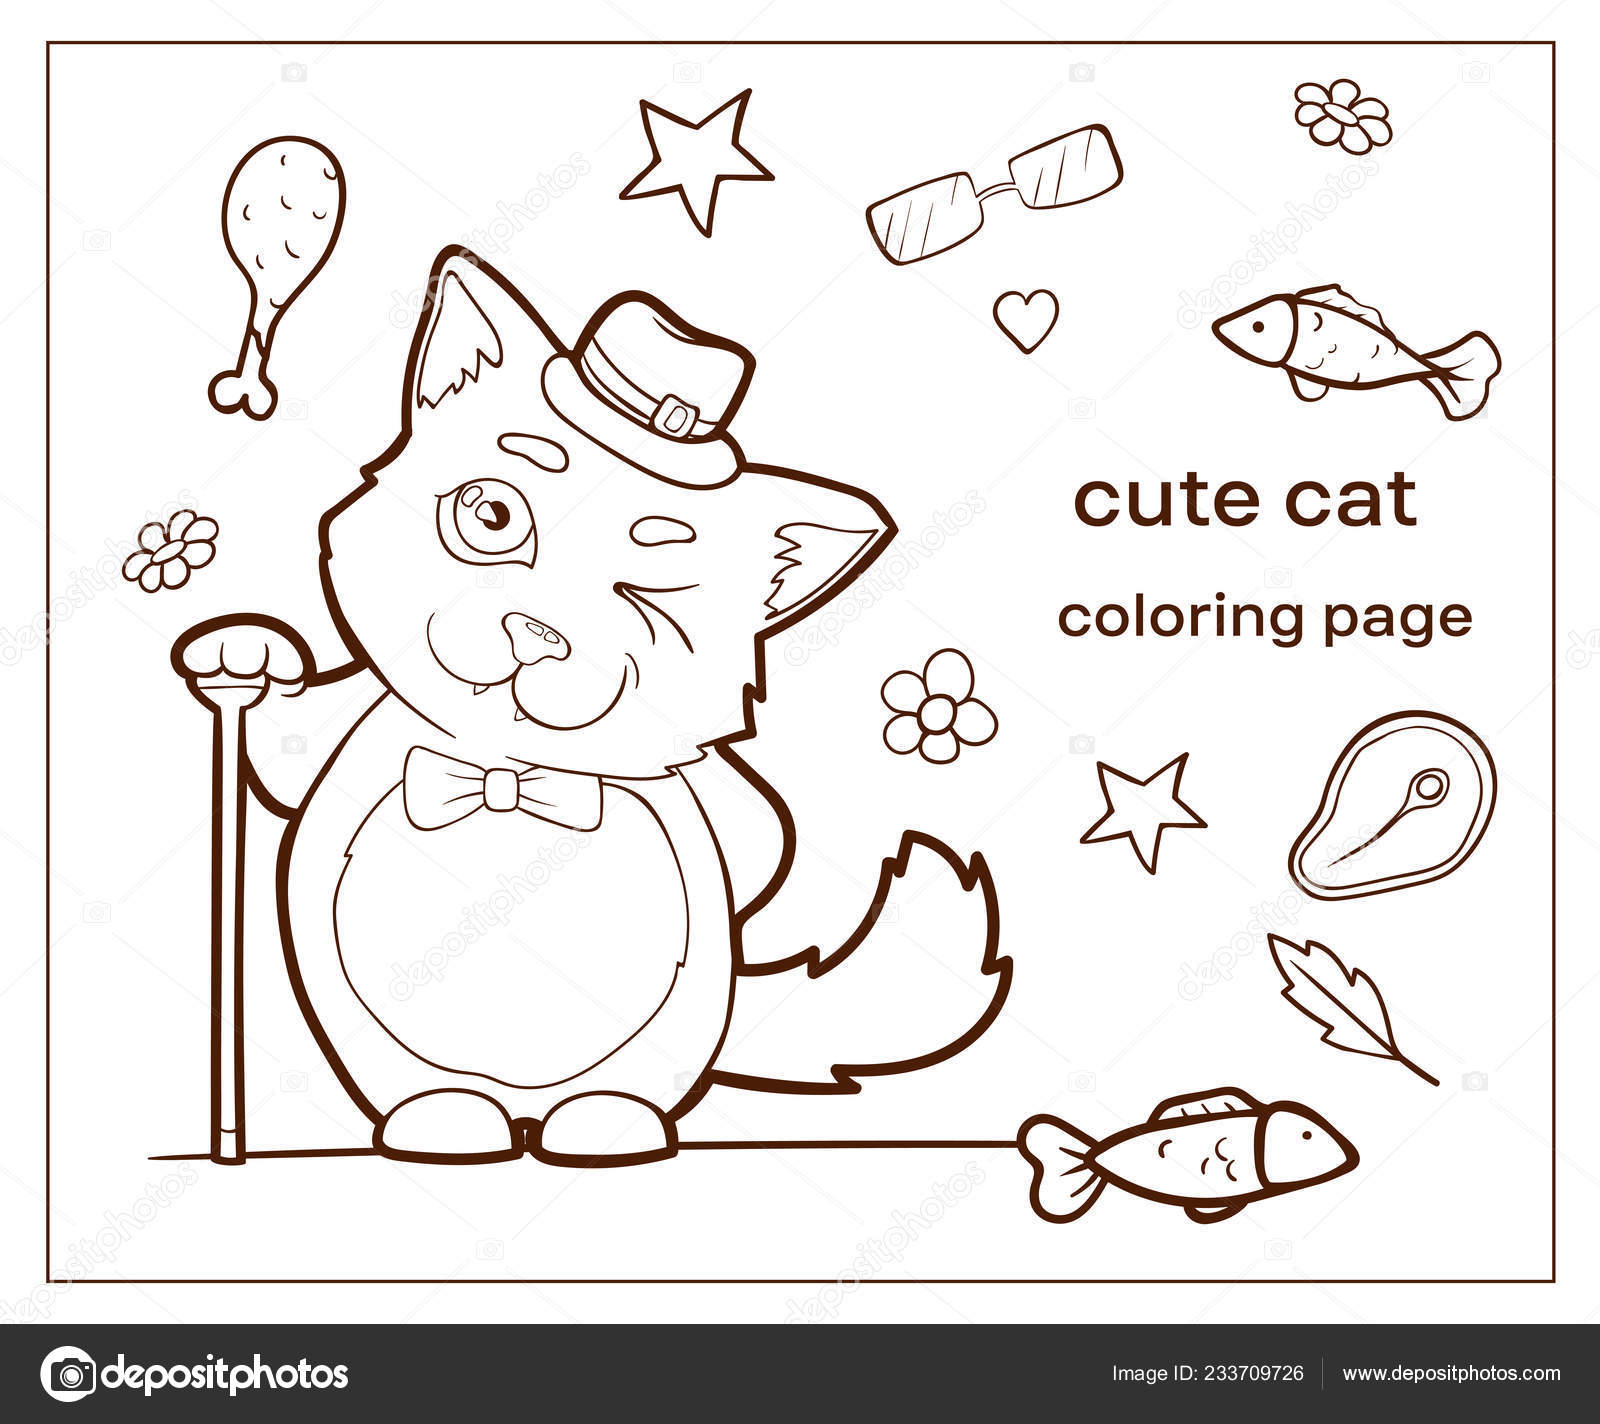 Image Vectorielle Chat Personnage Dessin Animé Doodle Dessinés Main